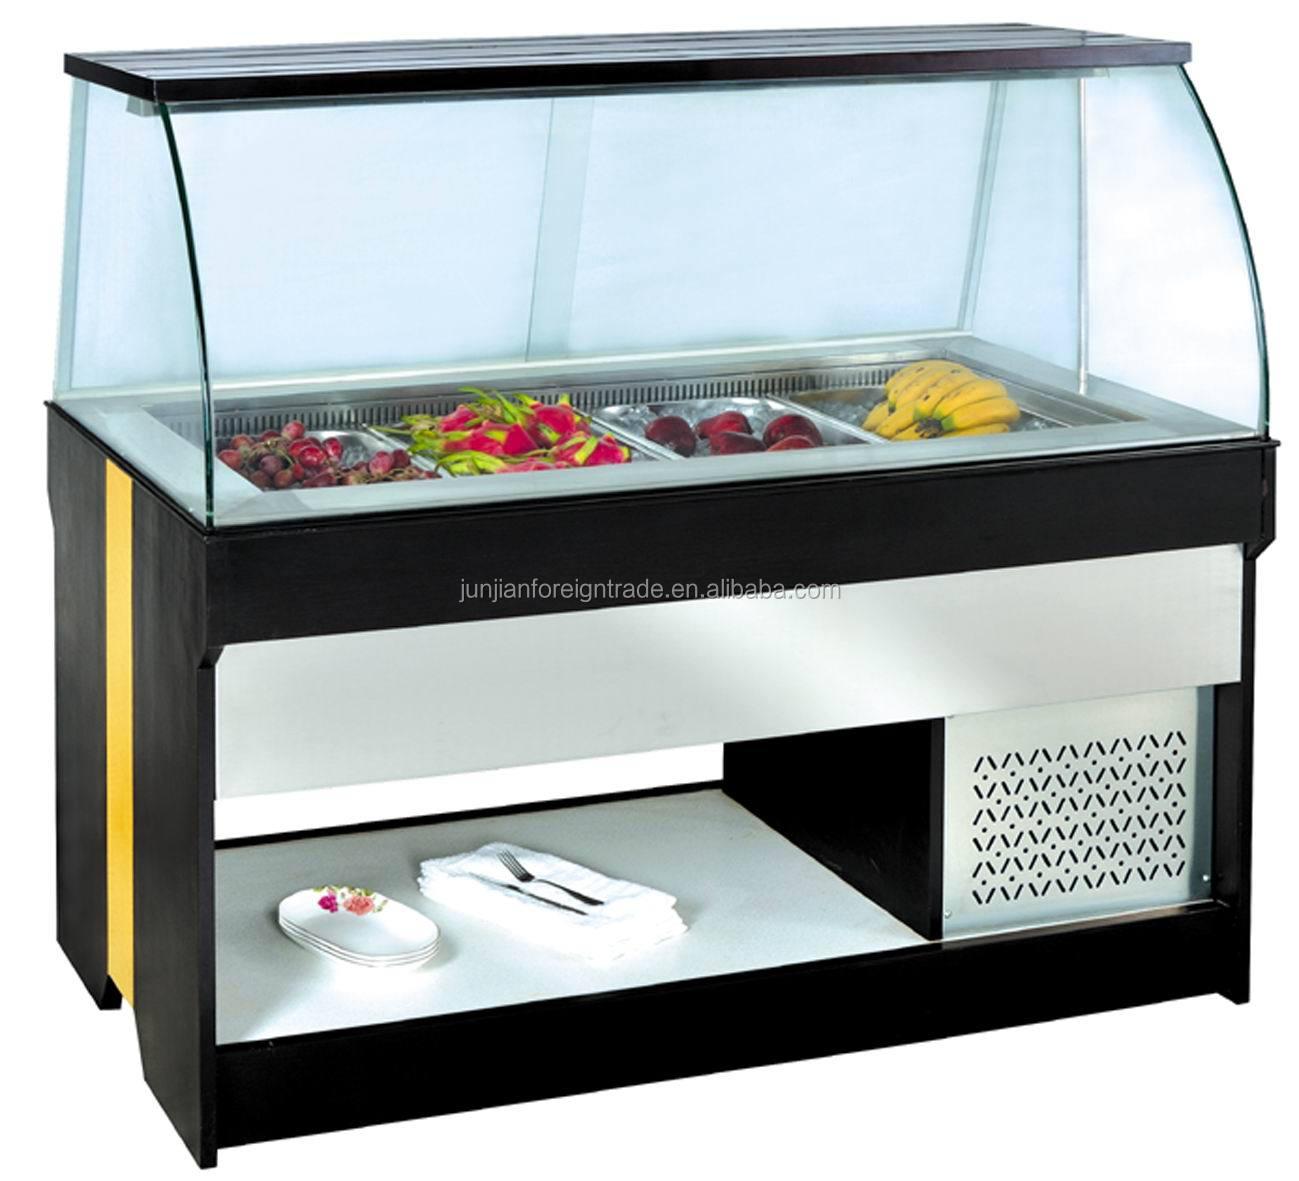 Commercial Salad Bar Equipment